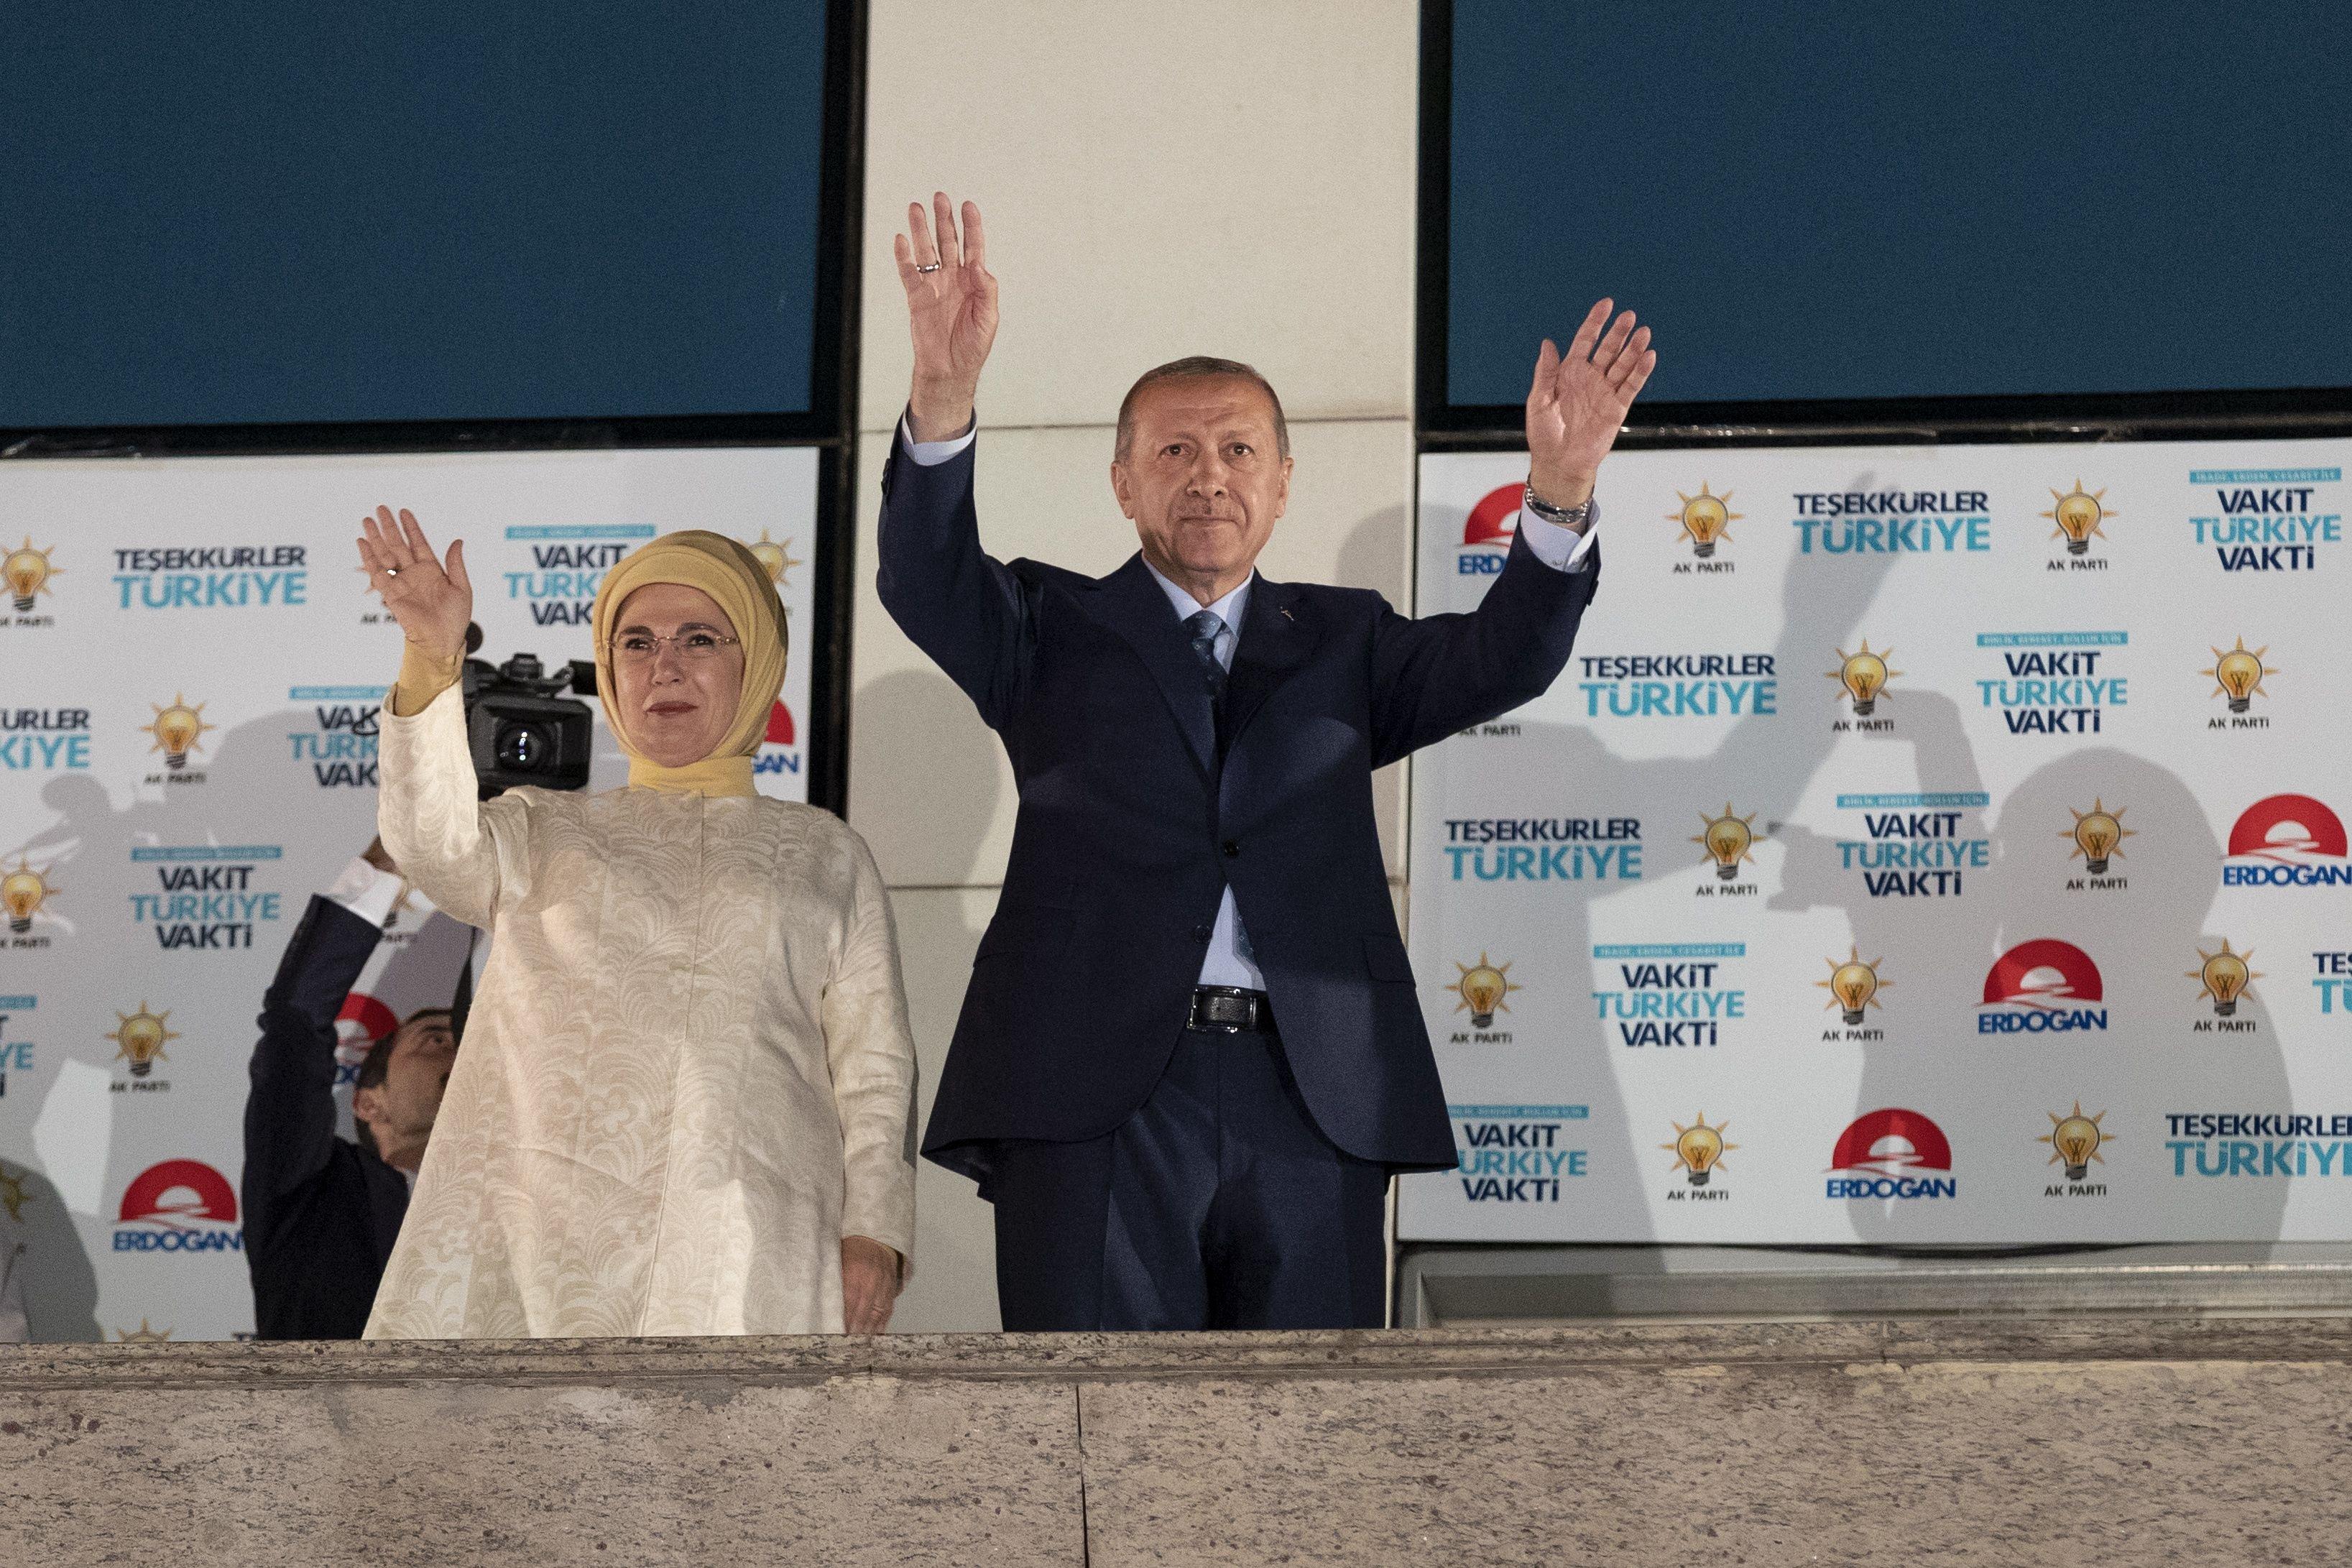 Recep Tayyip Erdogan oslavuje vítězství v prezidentských volbách